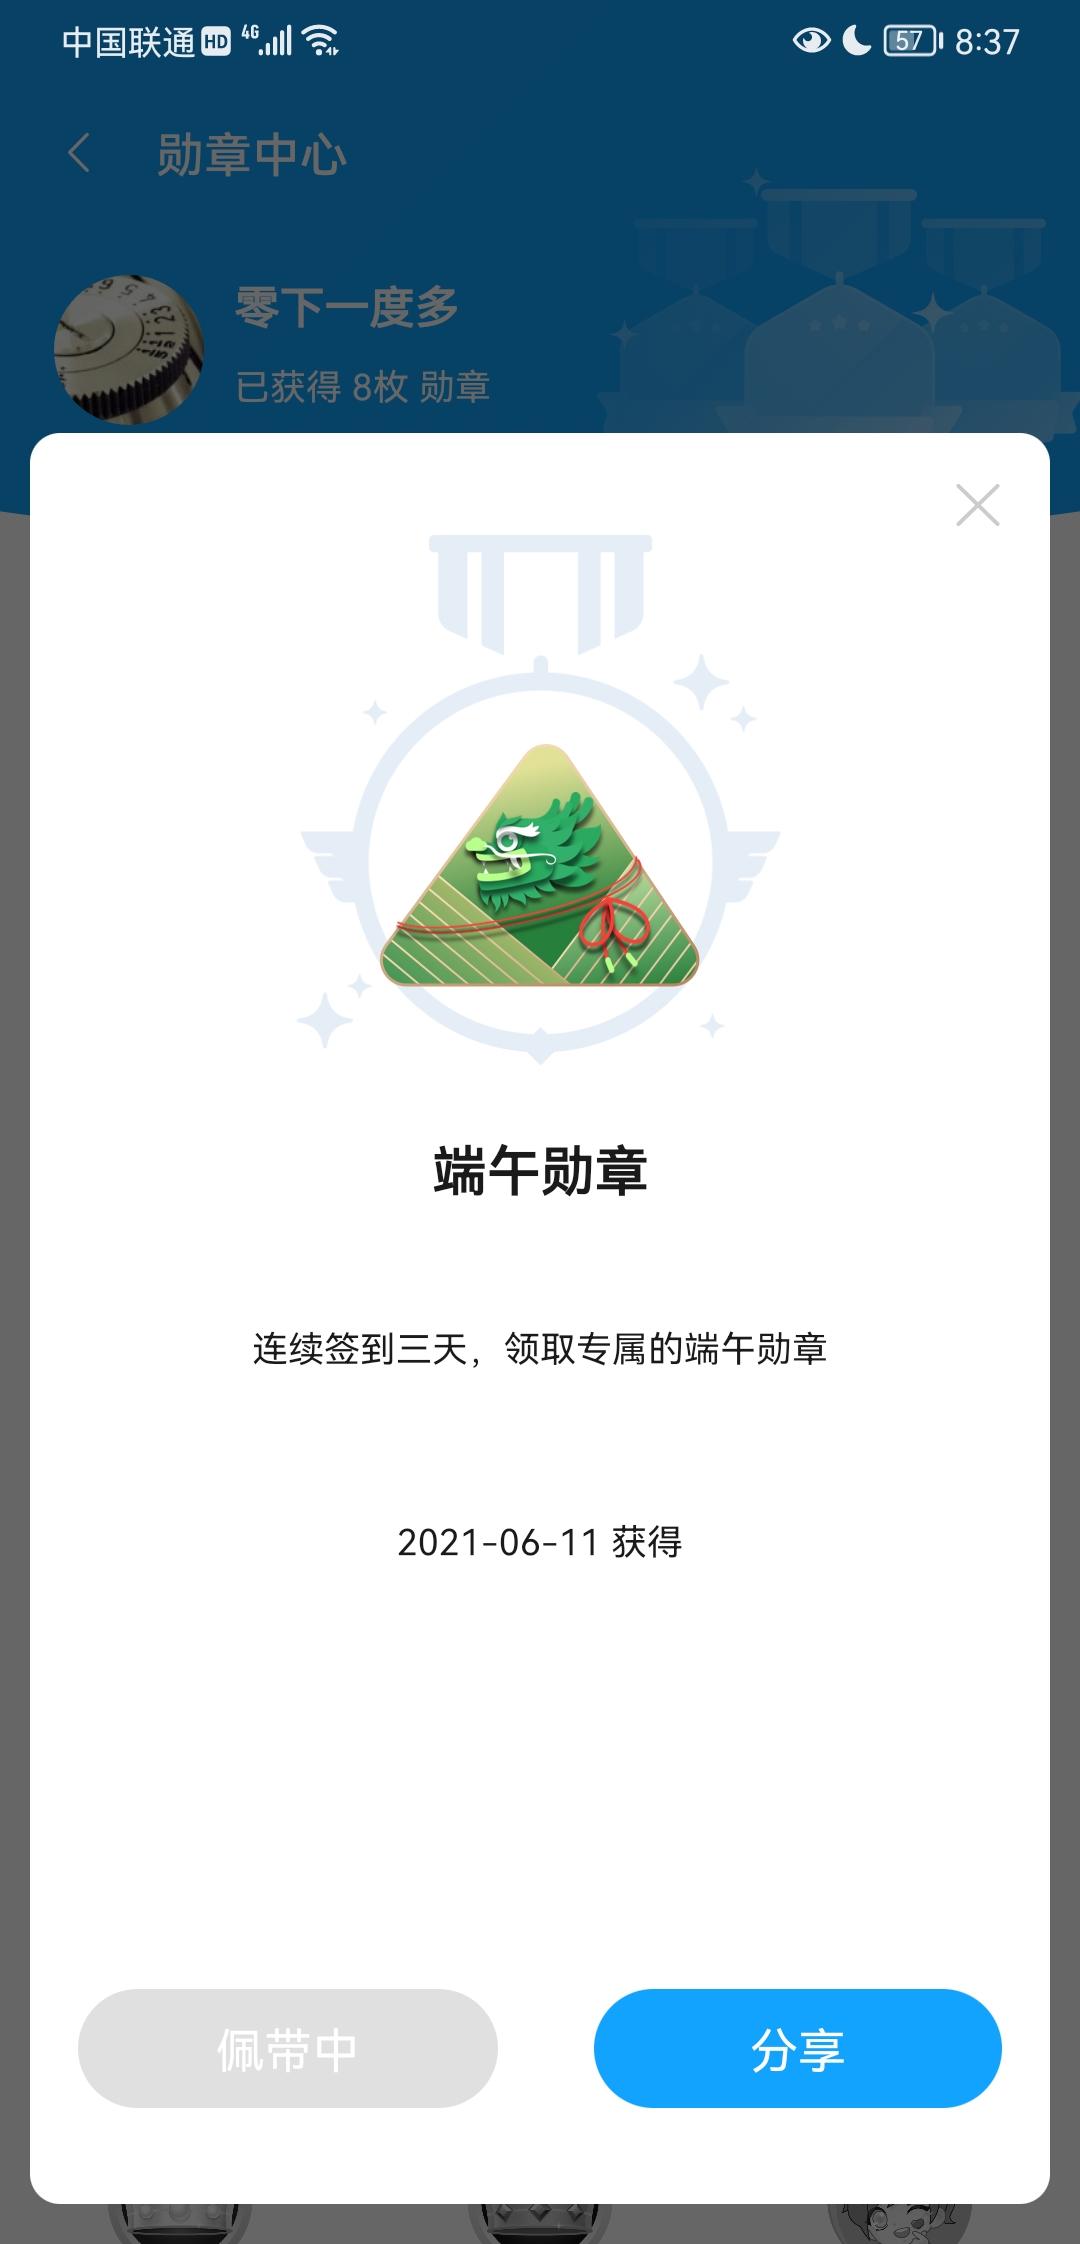 Screenshot_20210611_203705_com.huawei.fans.jpg